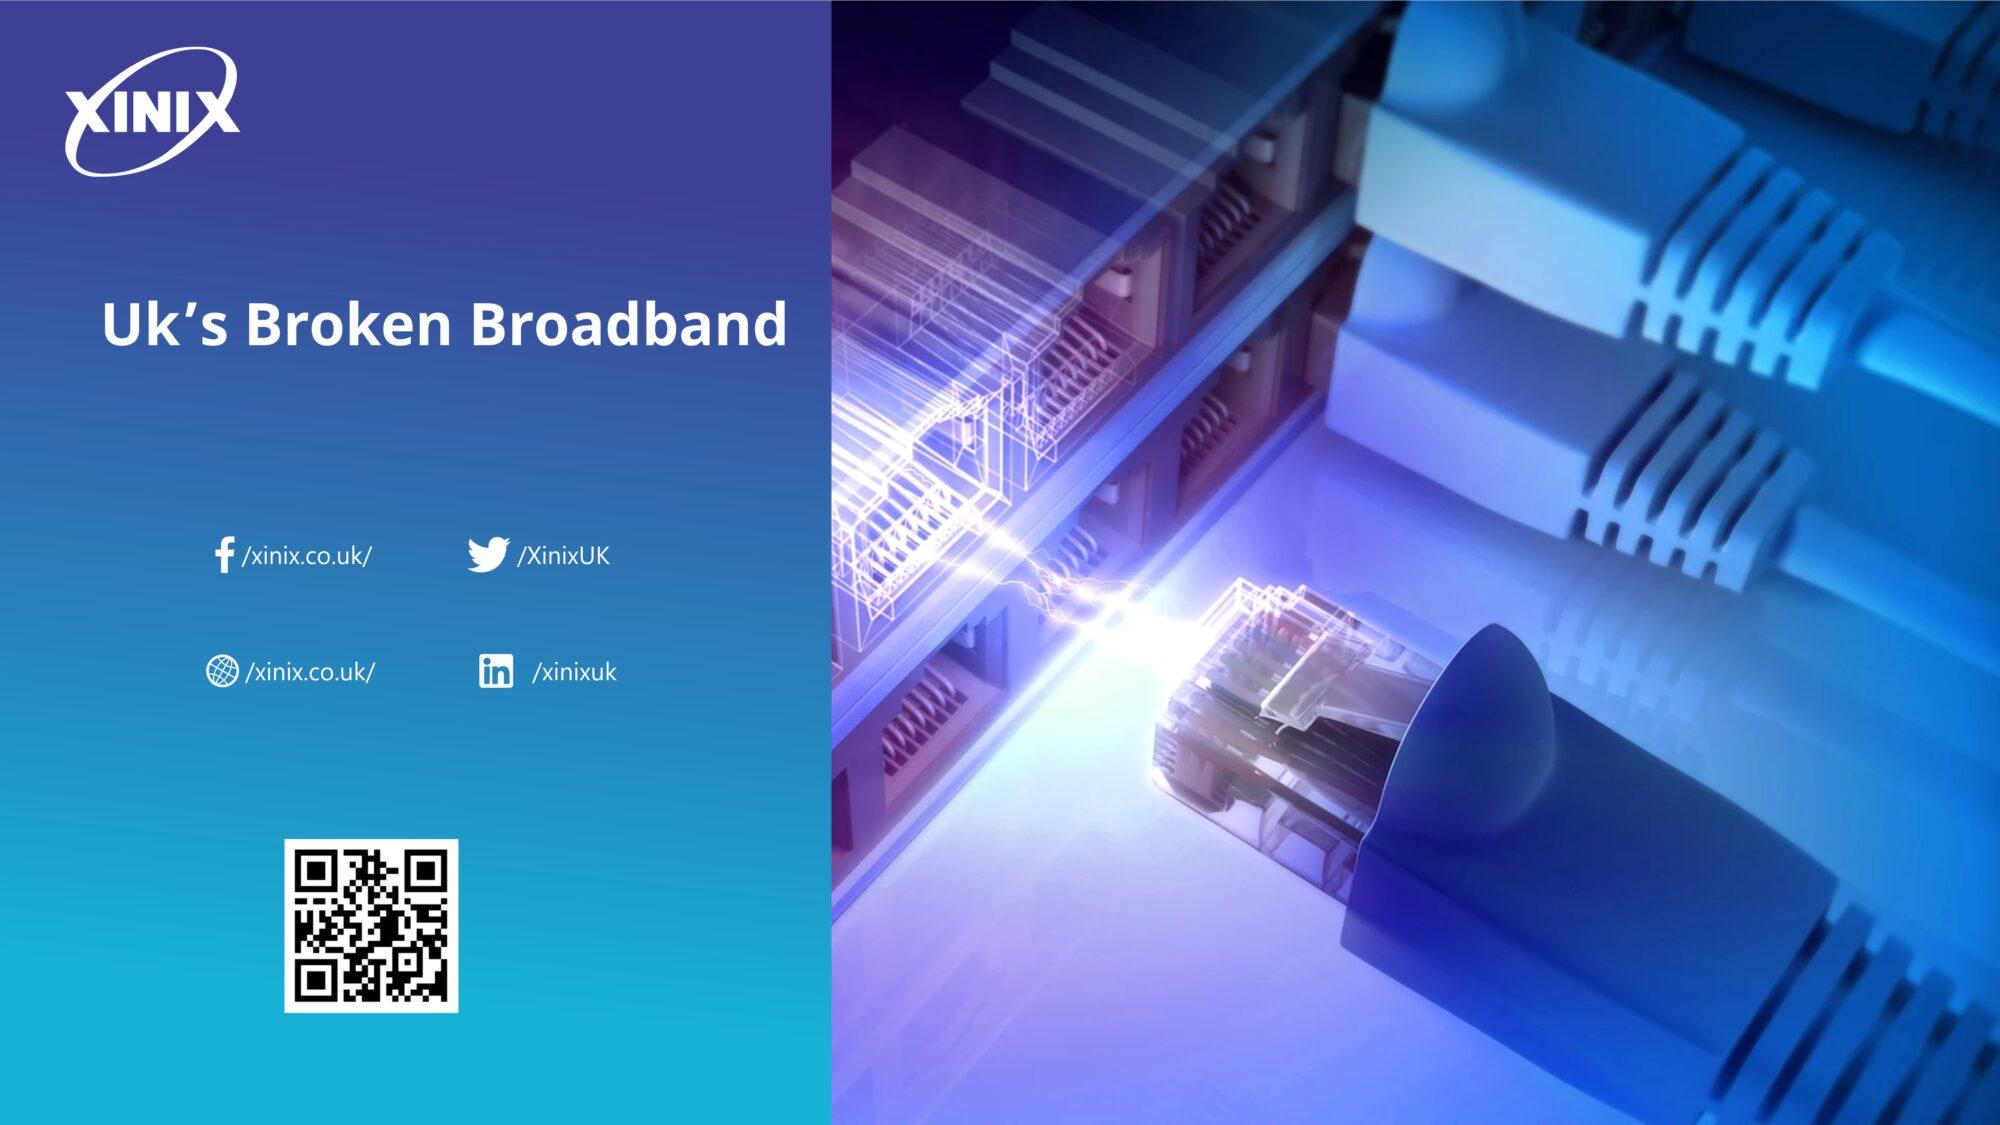 UK's Broken Broadband